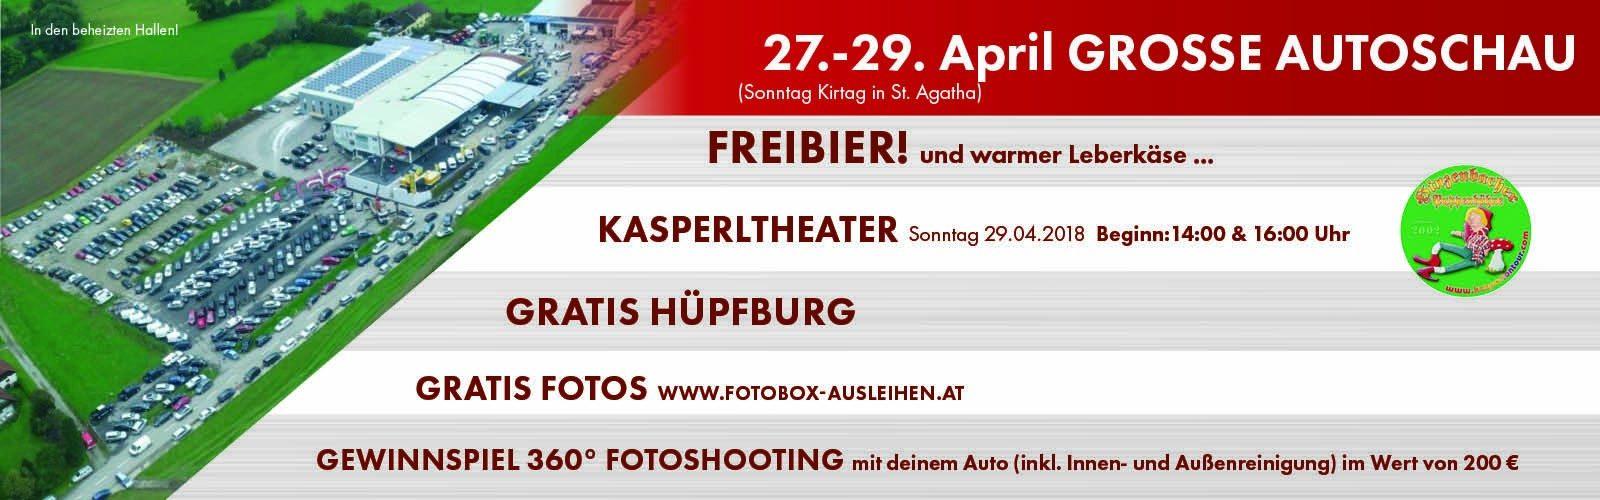 27.-29. April Große Autoschau bei HWS || Ing. Günther Baschinger GmbH in